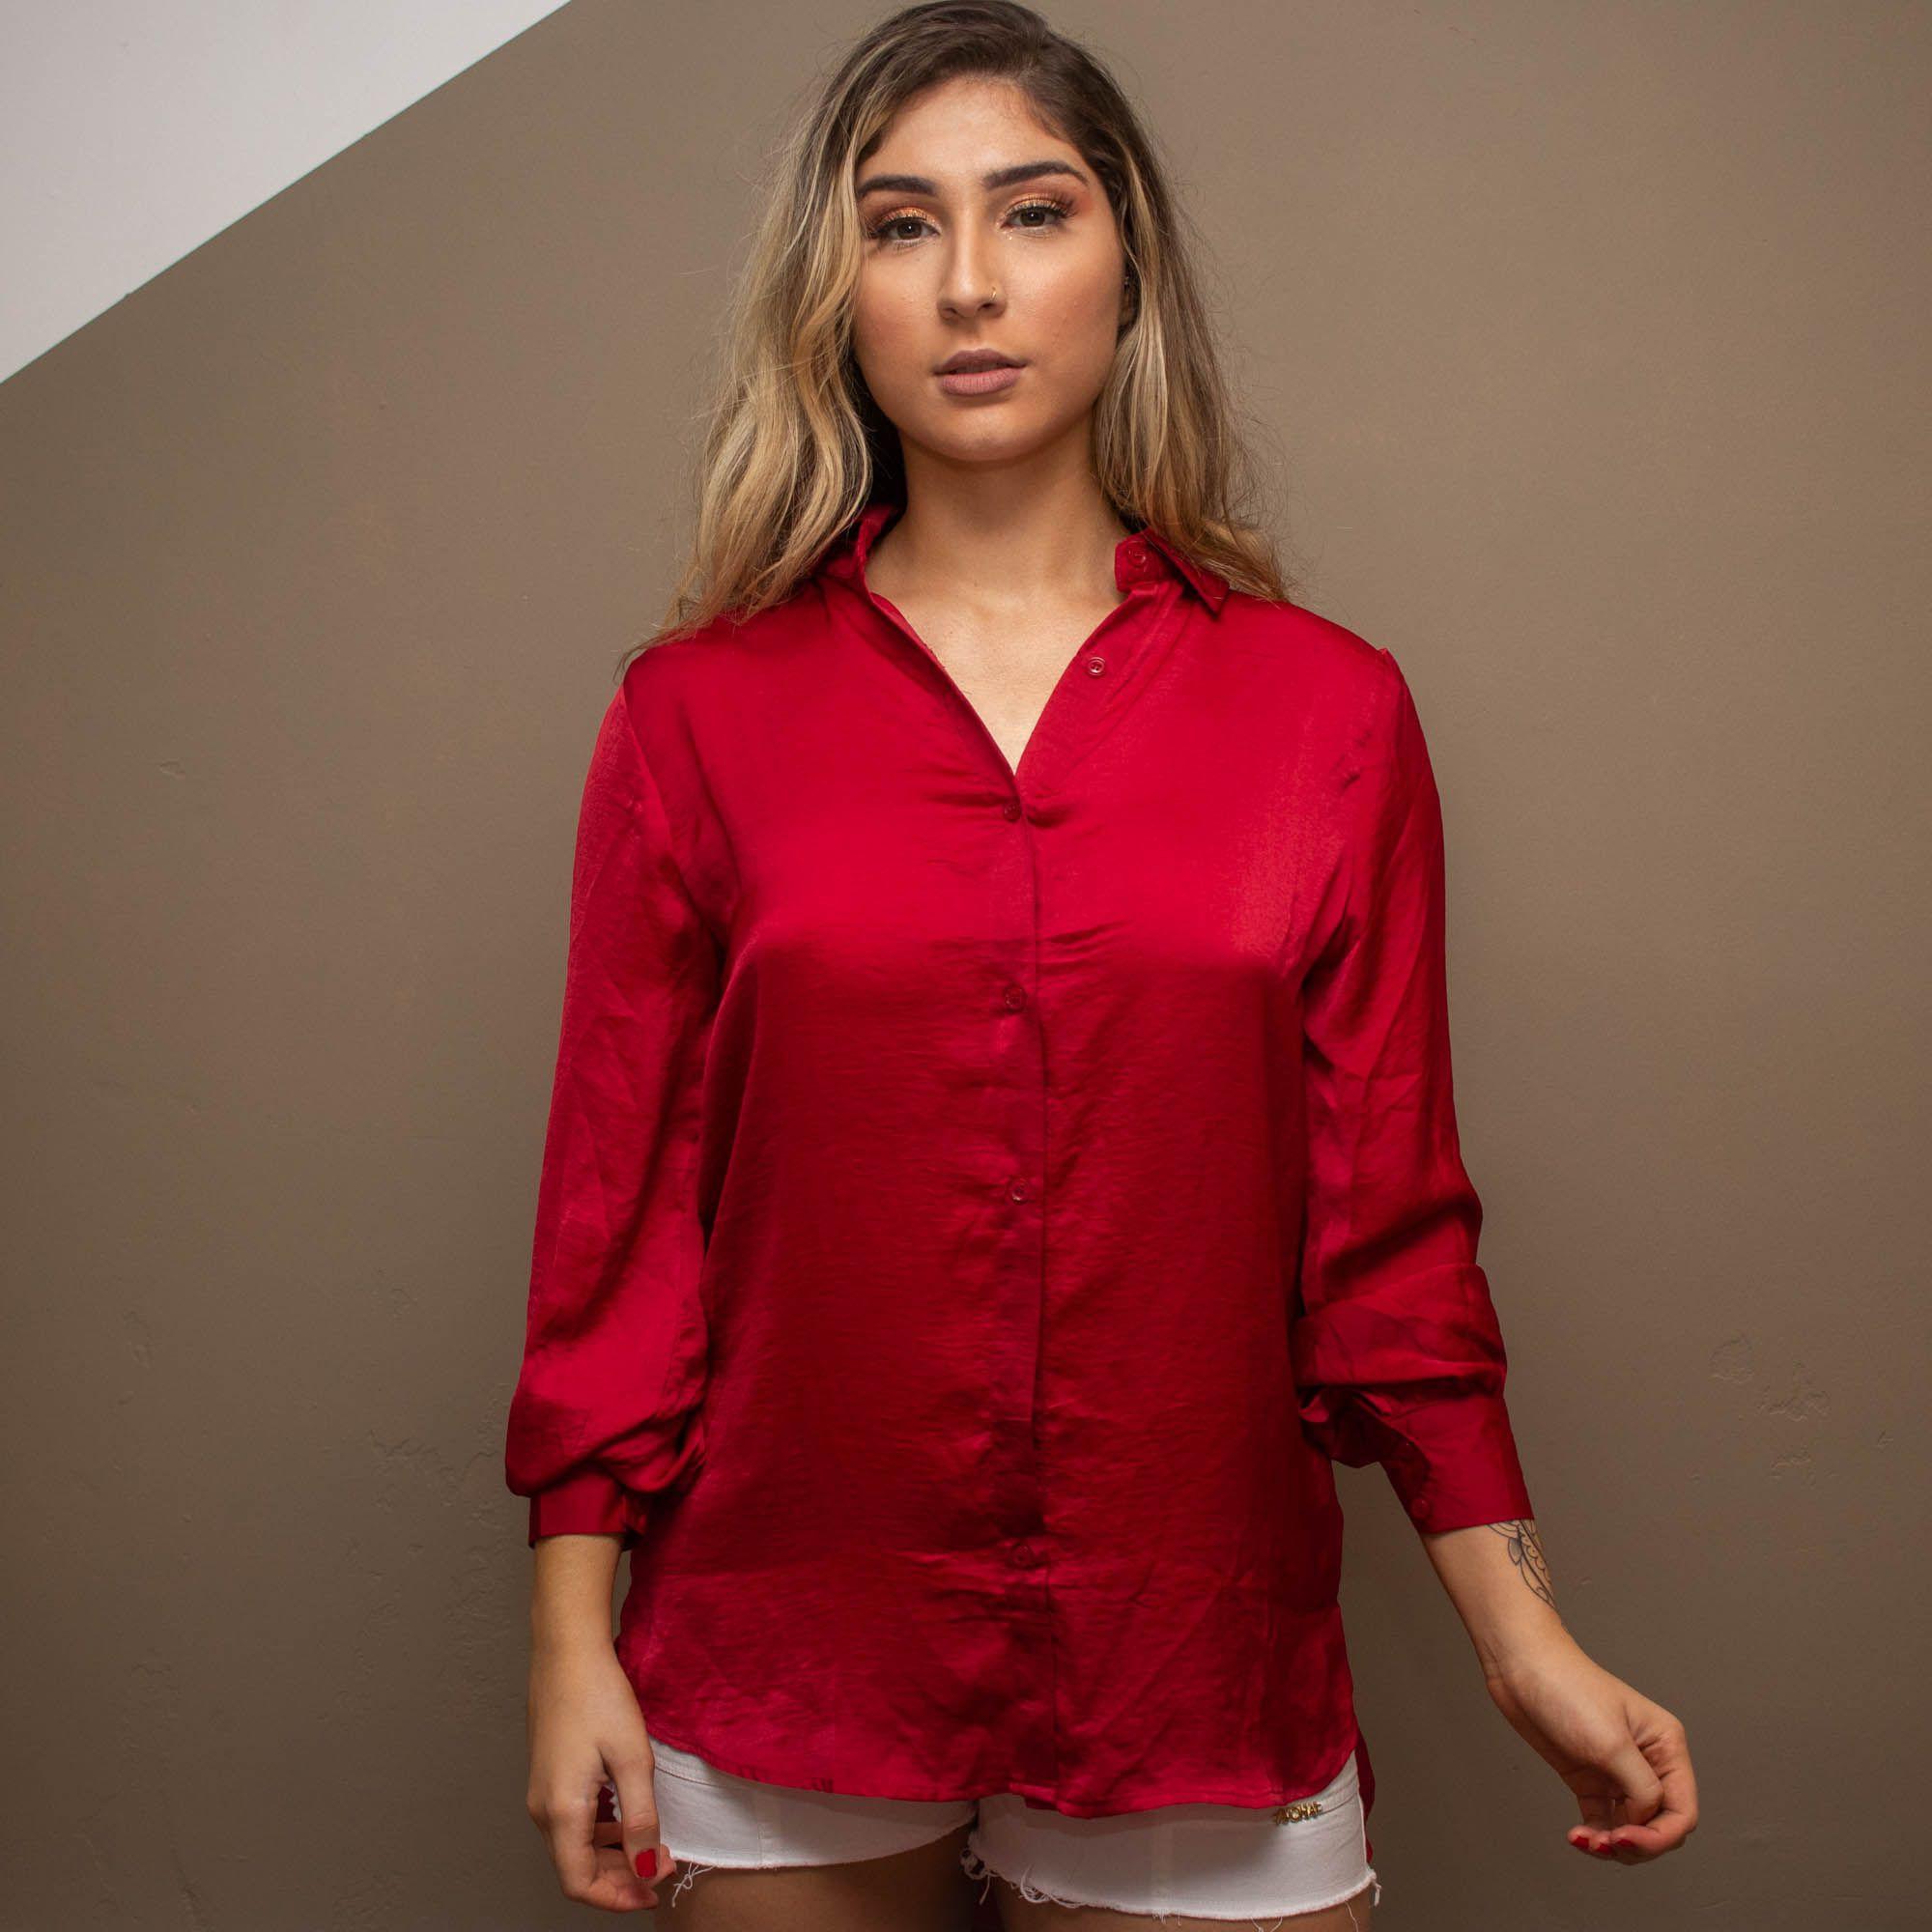 Máxi Camisa Manga Longa Cód:14614